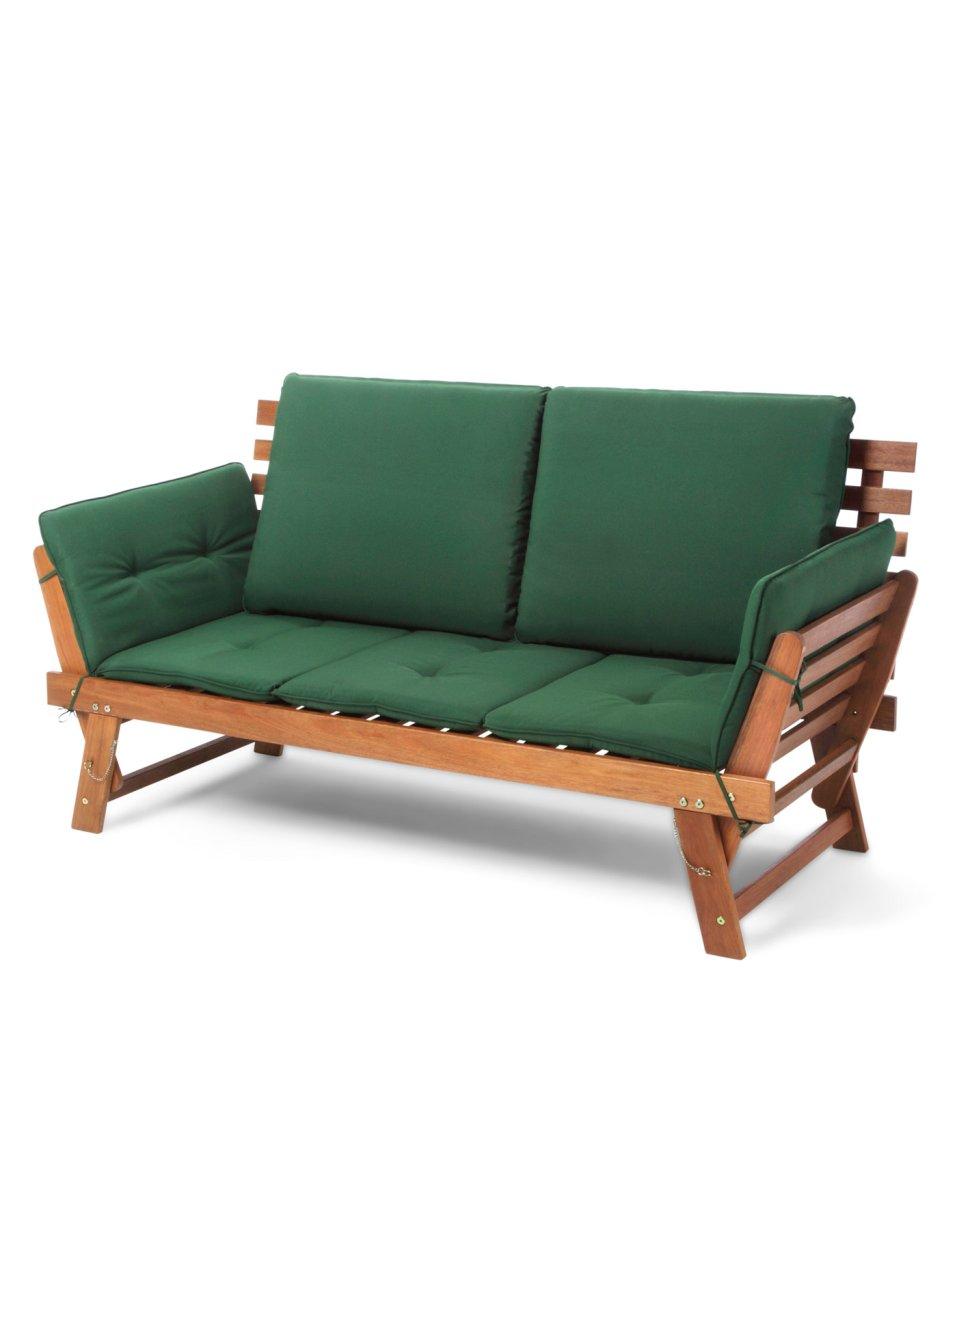 das outdoor sofa bian ideal zum relaxen an der frischen luft natur. Black Bedroom Furniture Sets. Home Design Ideas